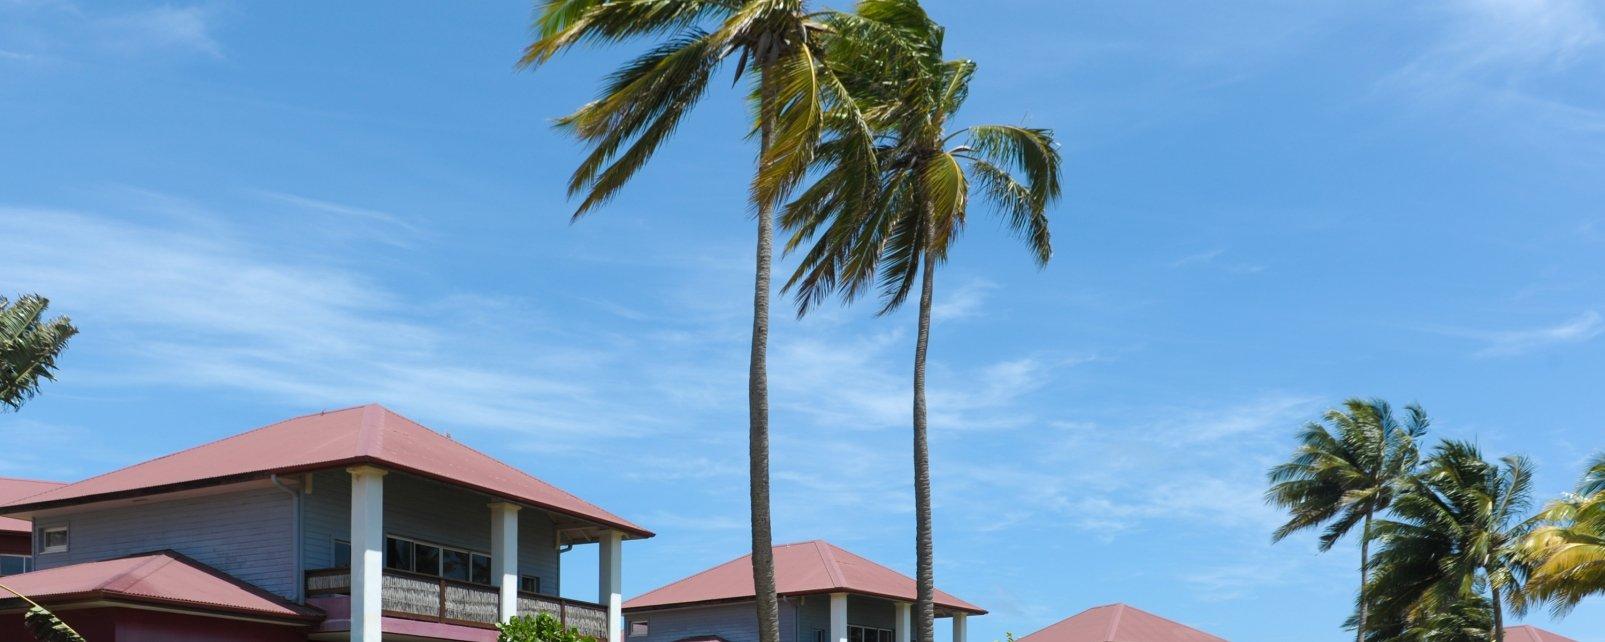 Hôtel Cap Est Lagoon Resort & Spa